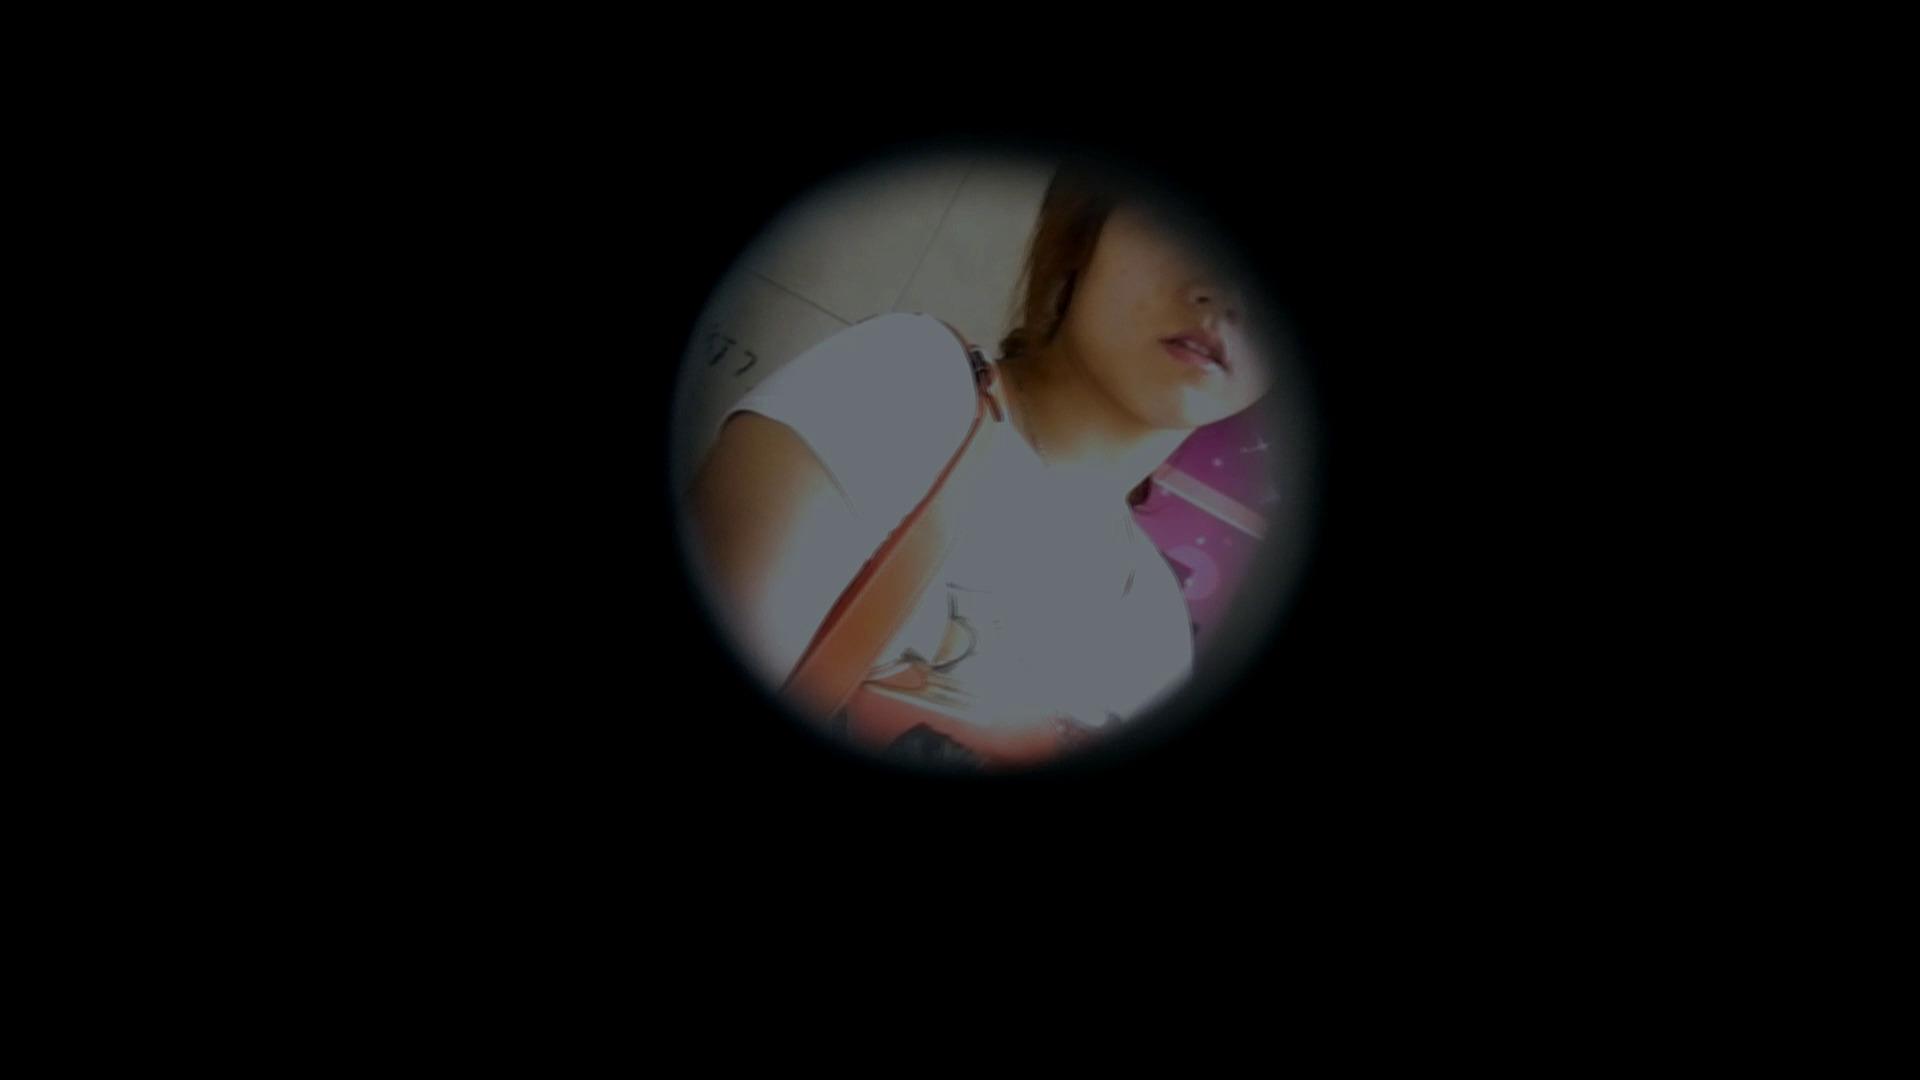 ステーション編 vol.36 無料動画に登場したトップクラスモデル本番へ お姉さんのSEX エロ無料画像 84枚 22